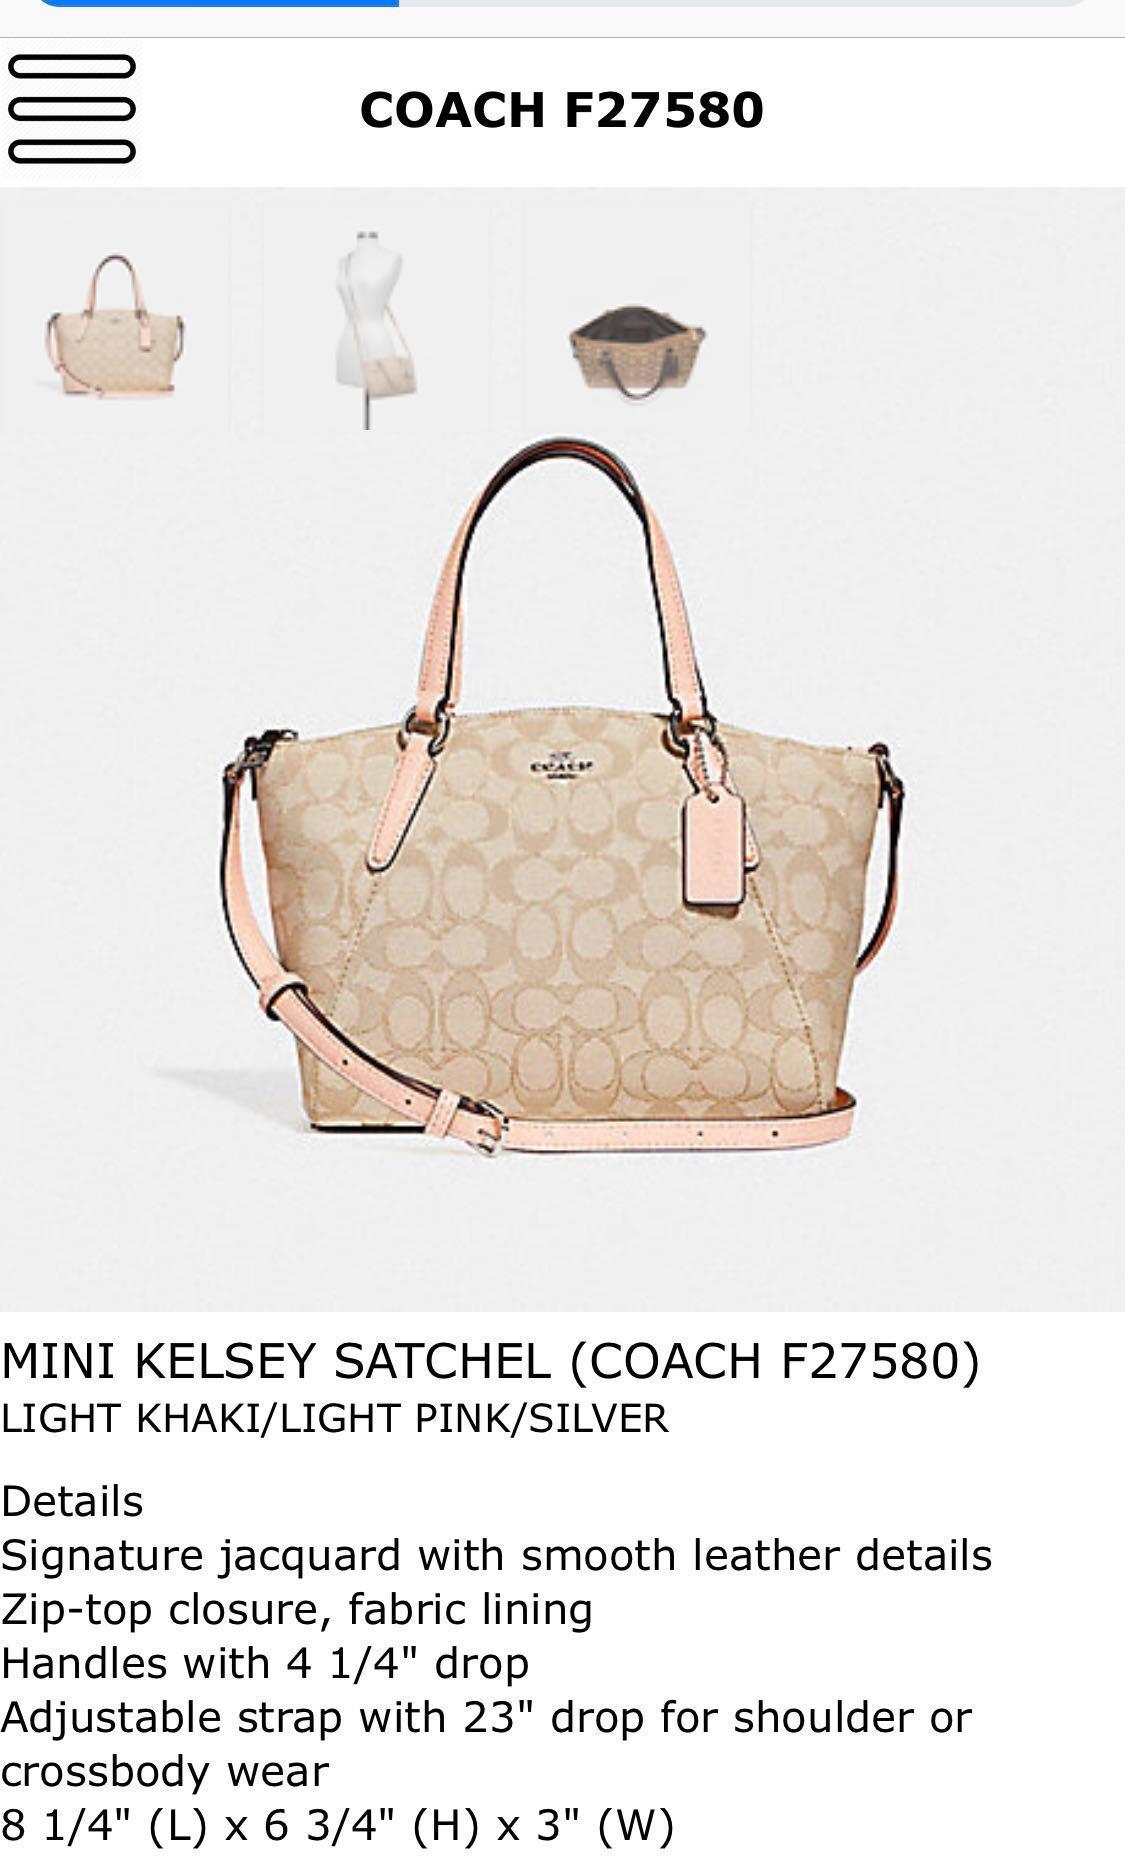 COACH Mini Kelsey Satchel (F27580) 6cbdb98cf9a5a